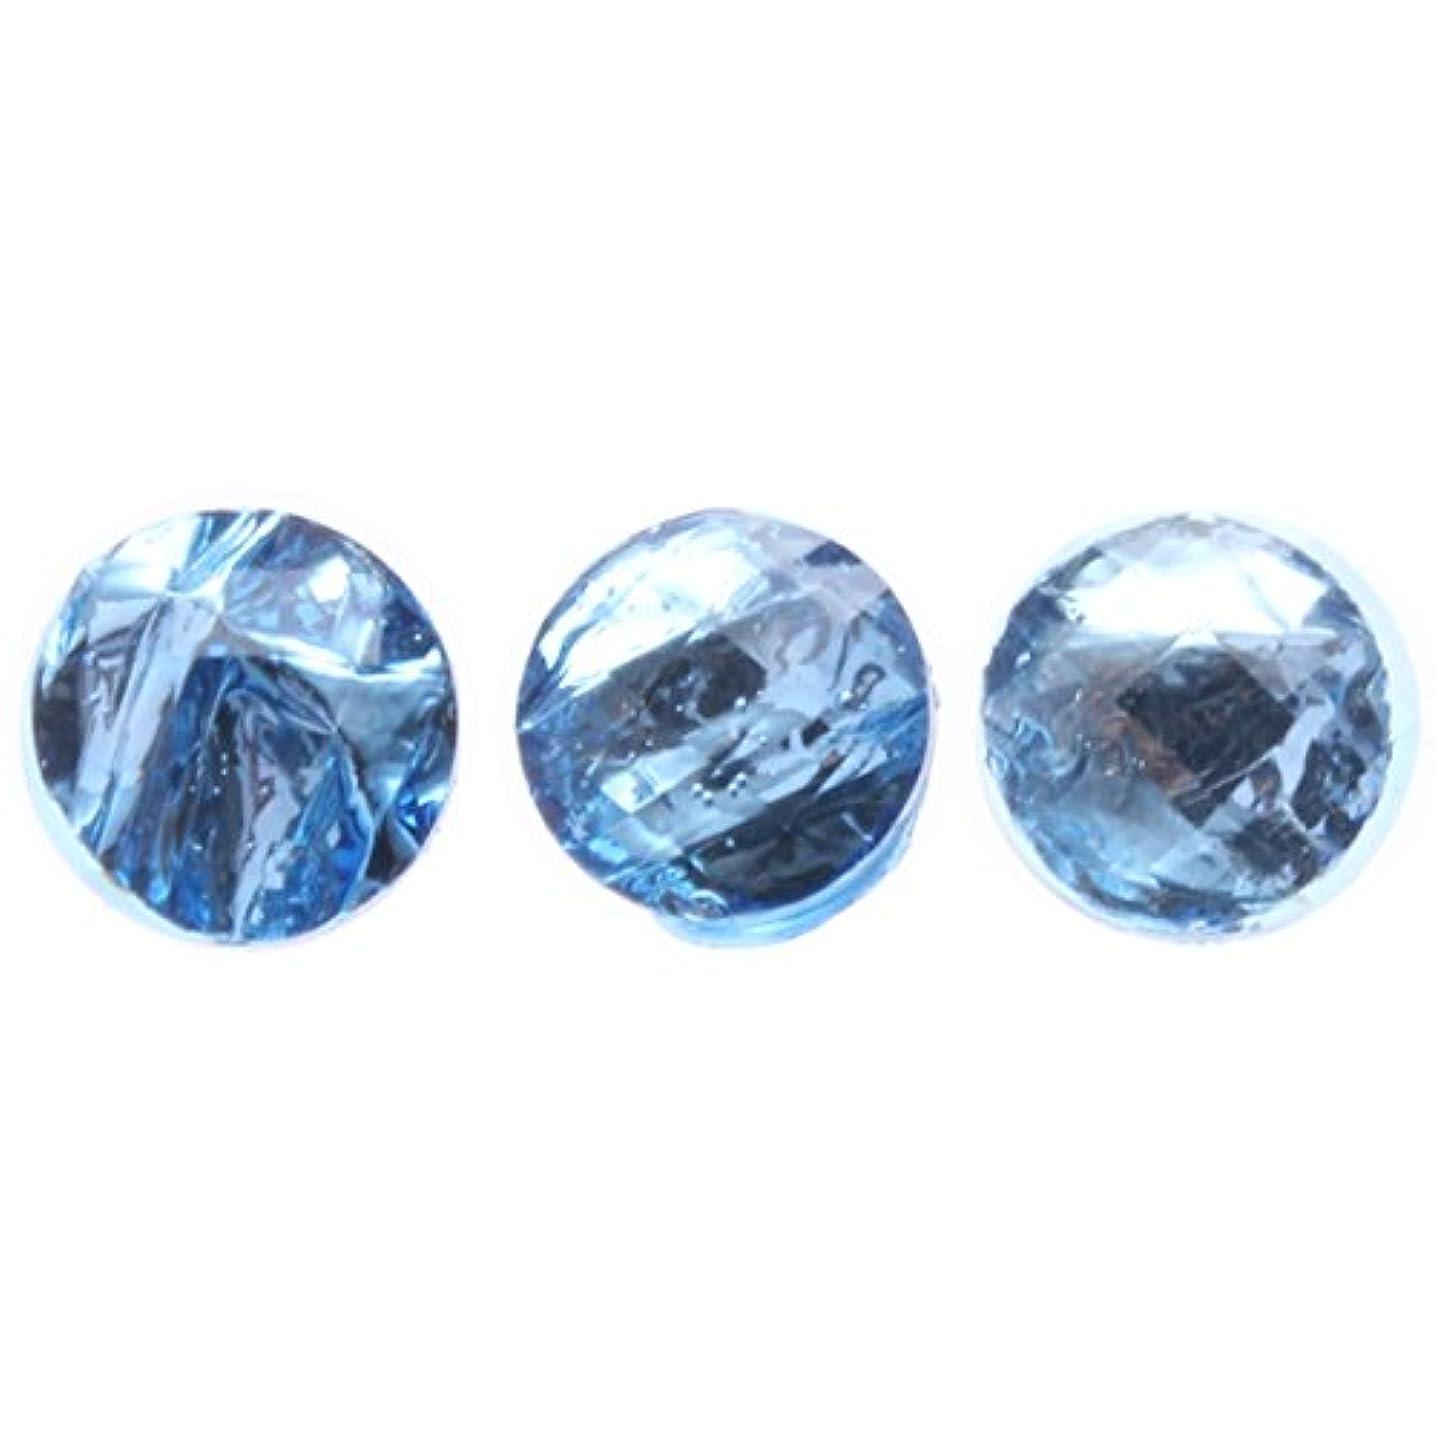 台風米ドル世界に死んだ<エトゥベラ> スペースストーンラウンド6mm(各30個) ブルー